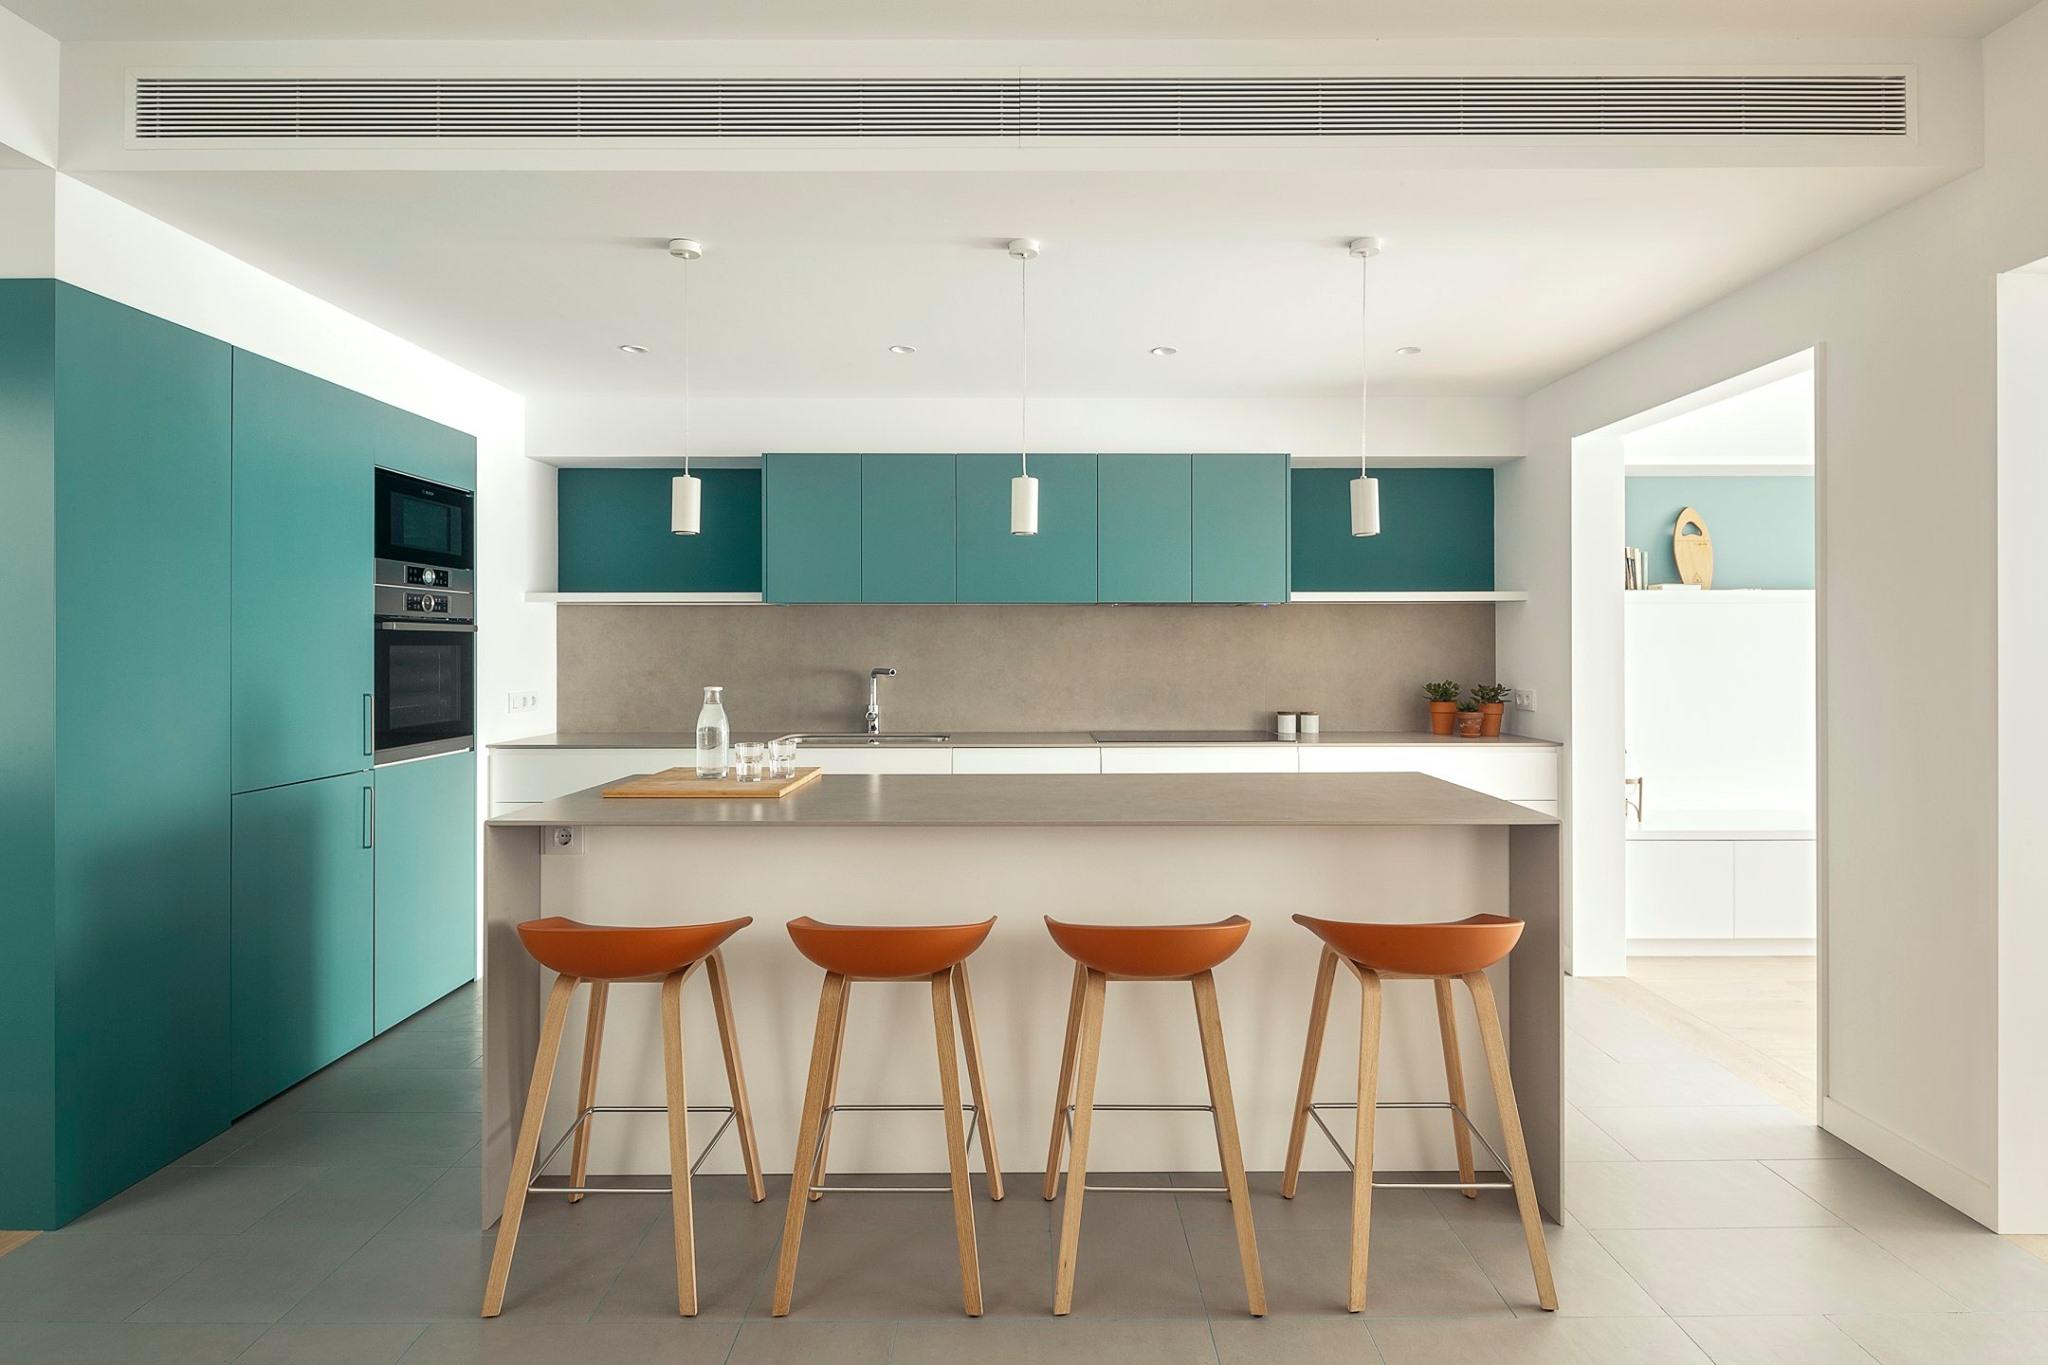 Top Diseño de Interiores: Nook crea espacios exclusivos y poderosos top diseño de interiores Top Diseño de Interiores: Nook crea espacios exclusivos y poderosos Featured 7